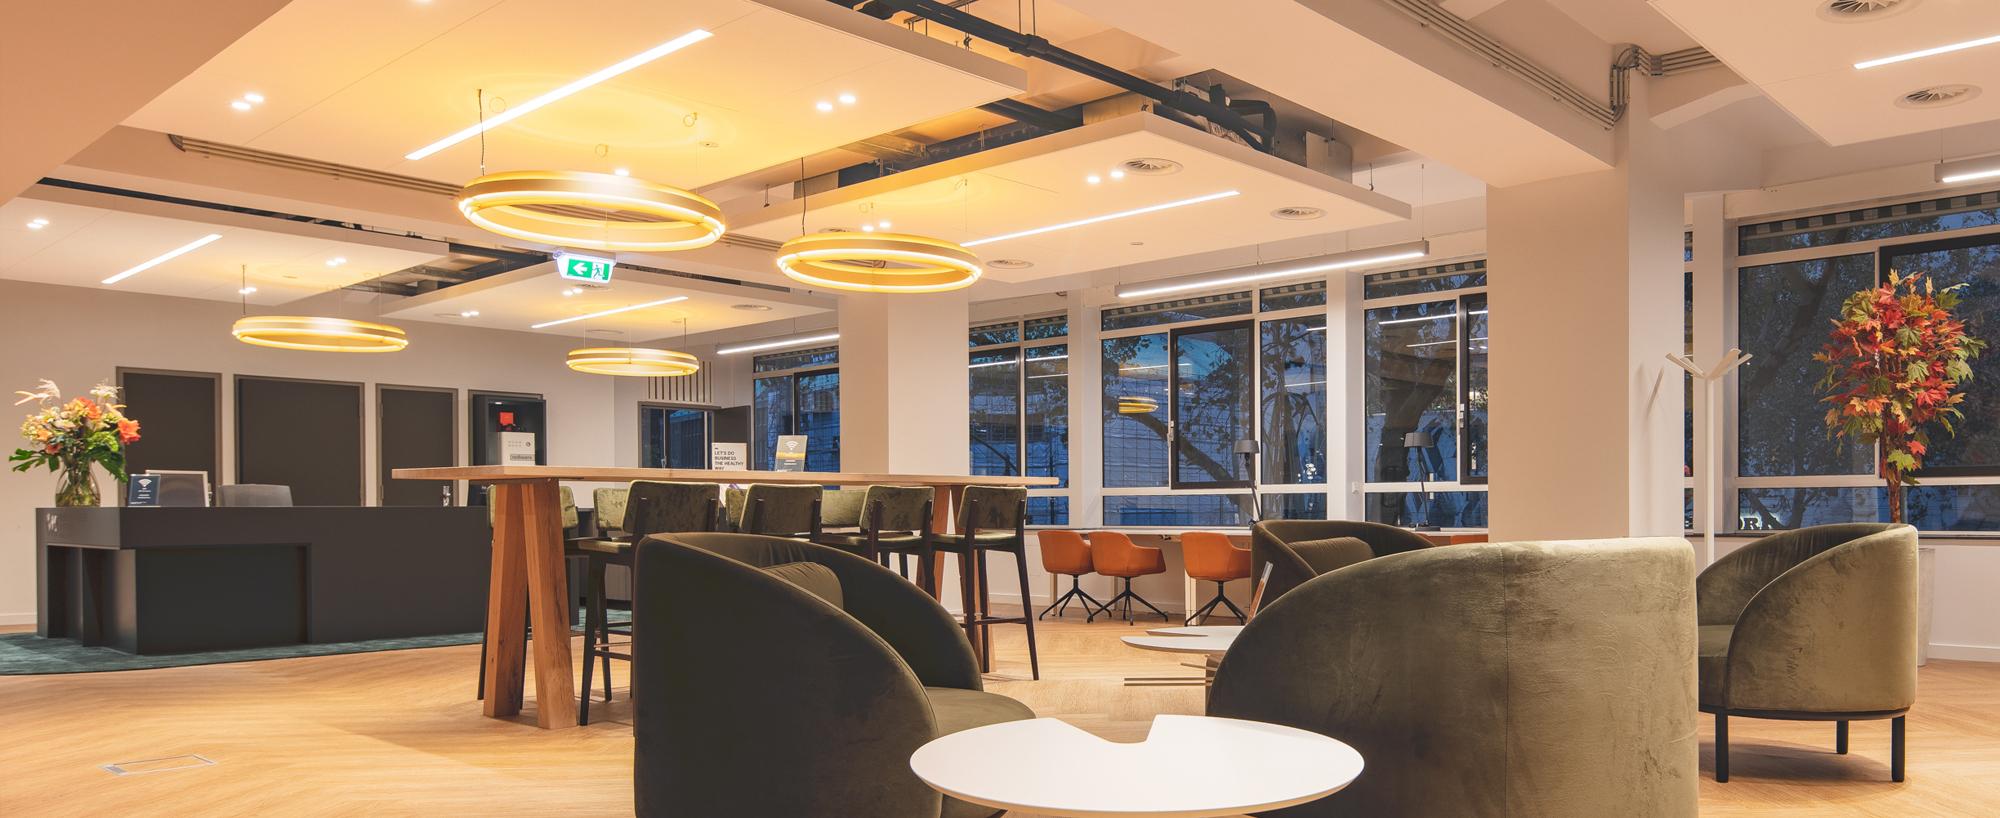 Vernieuwd Business Center in World Trade Center Rotterdam geopend